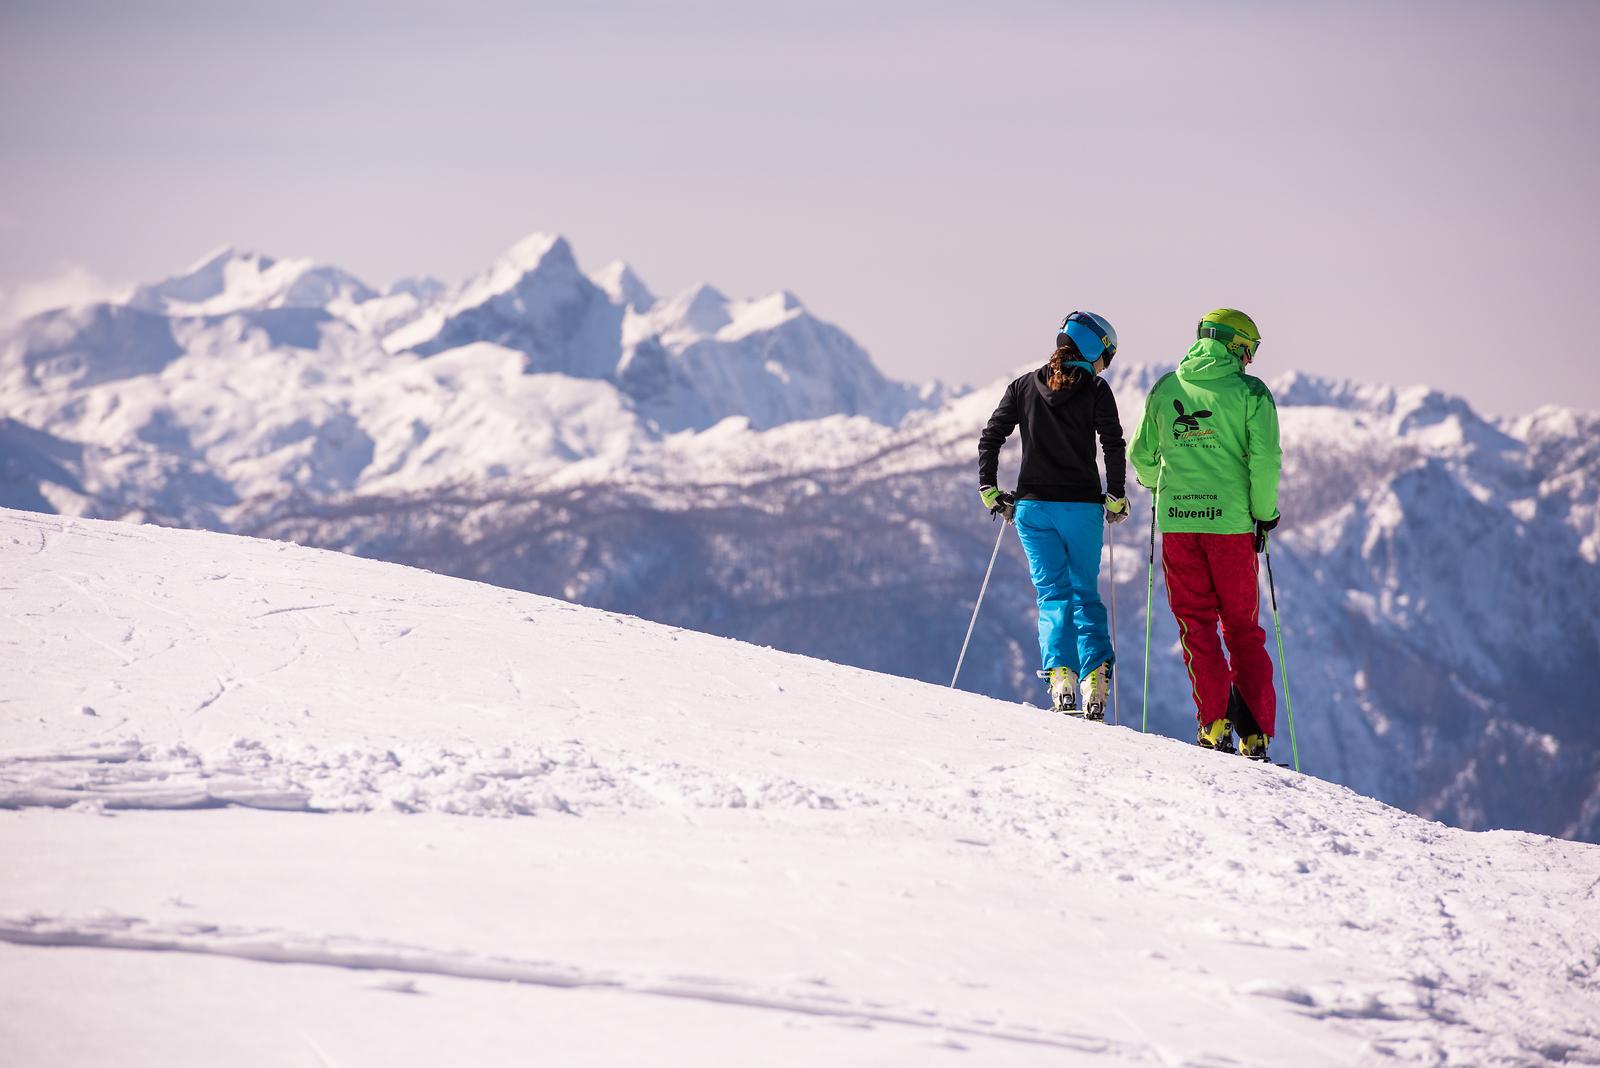 Esquiar en Eslovenia; foto: Iztok Medja; vir: www.slovenia.info